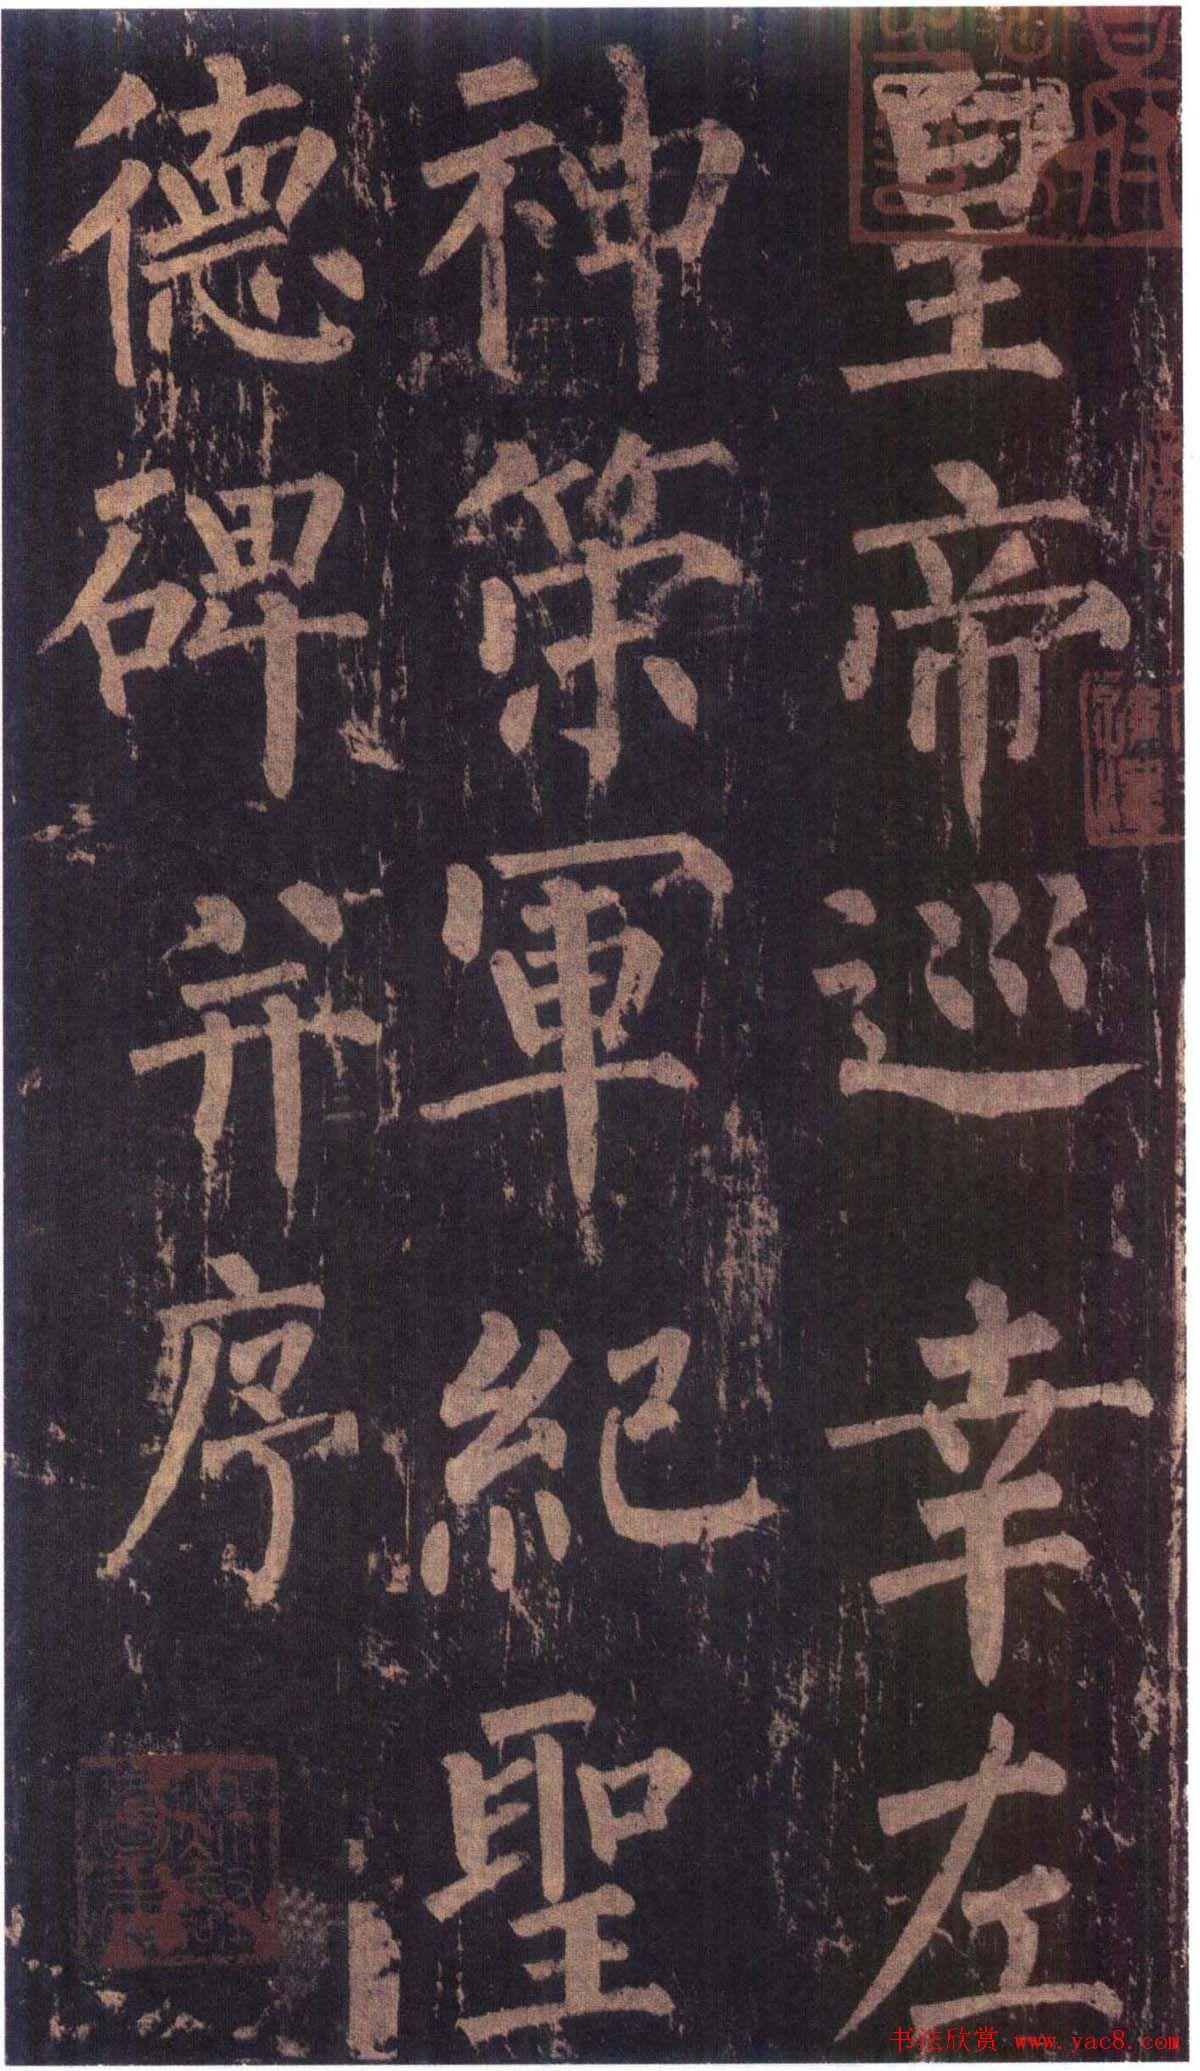 柳公权楷书《神策军碑》彩版大图